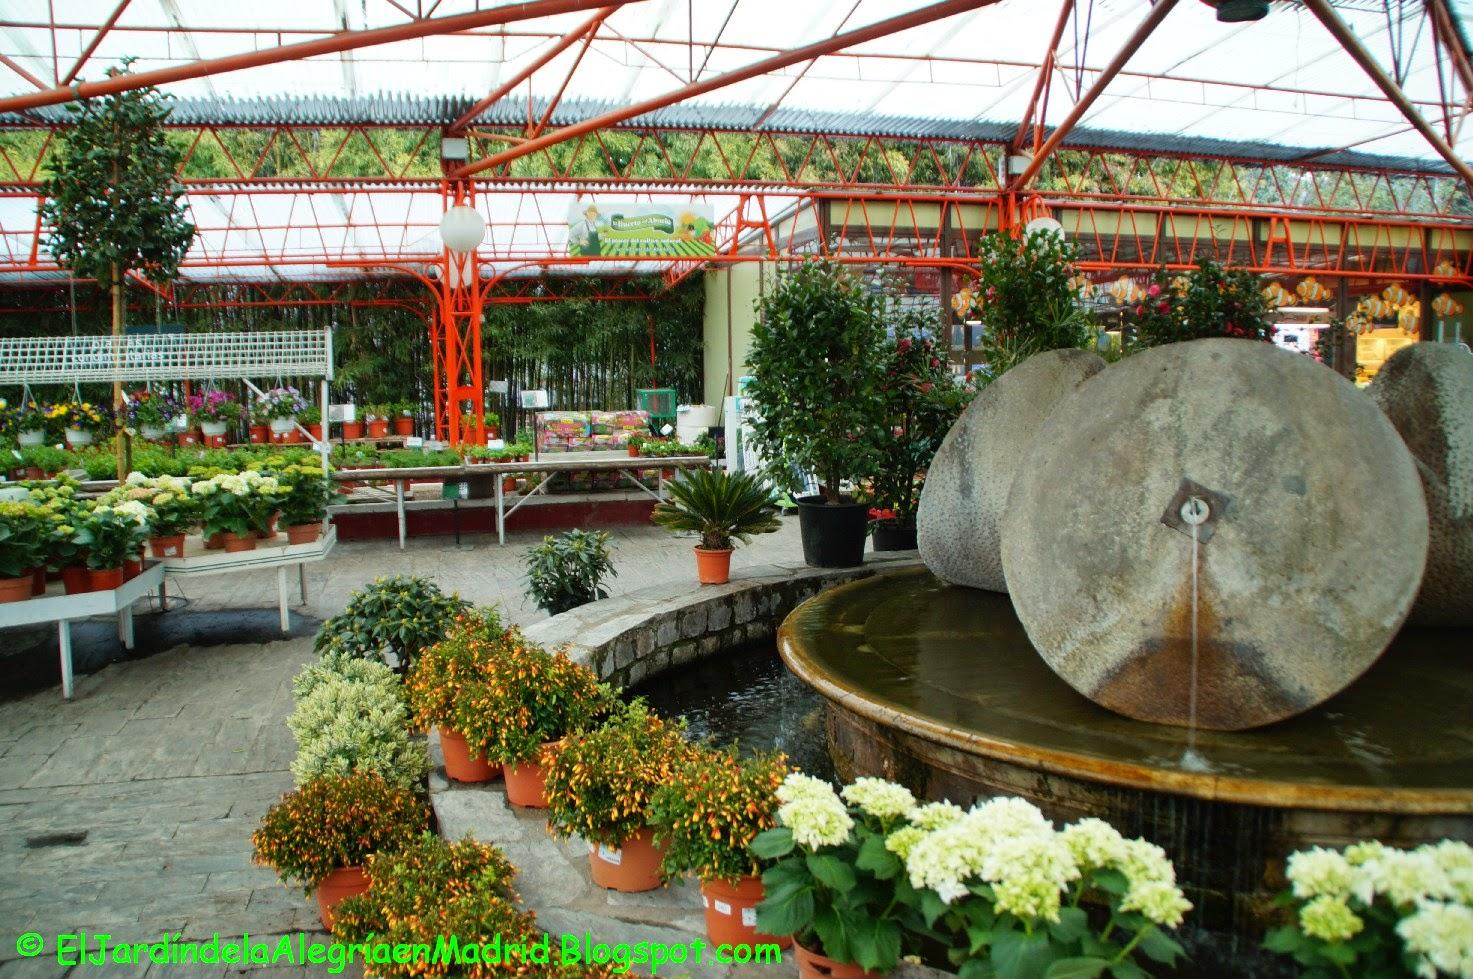 El jard n de la alegr a los pe otes un gran centro de - Centros de jardineria madrid ...